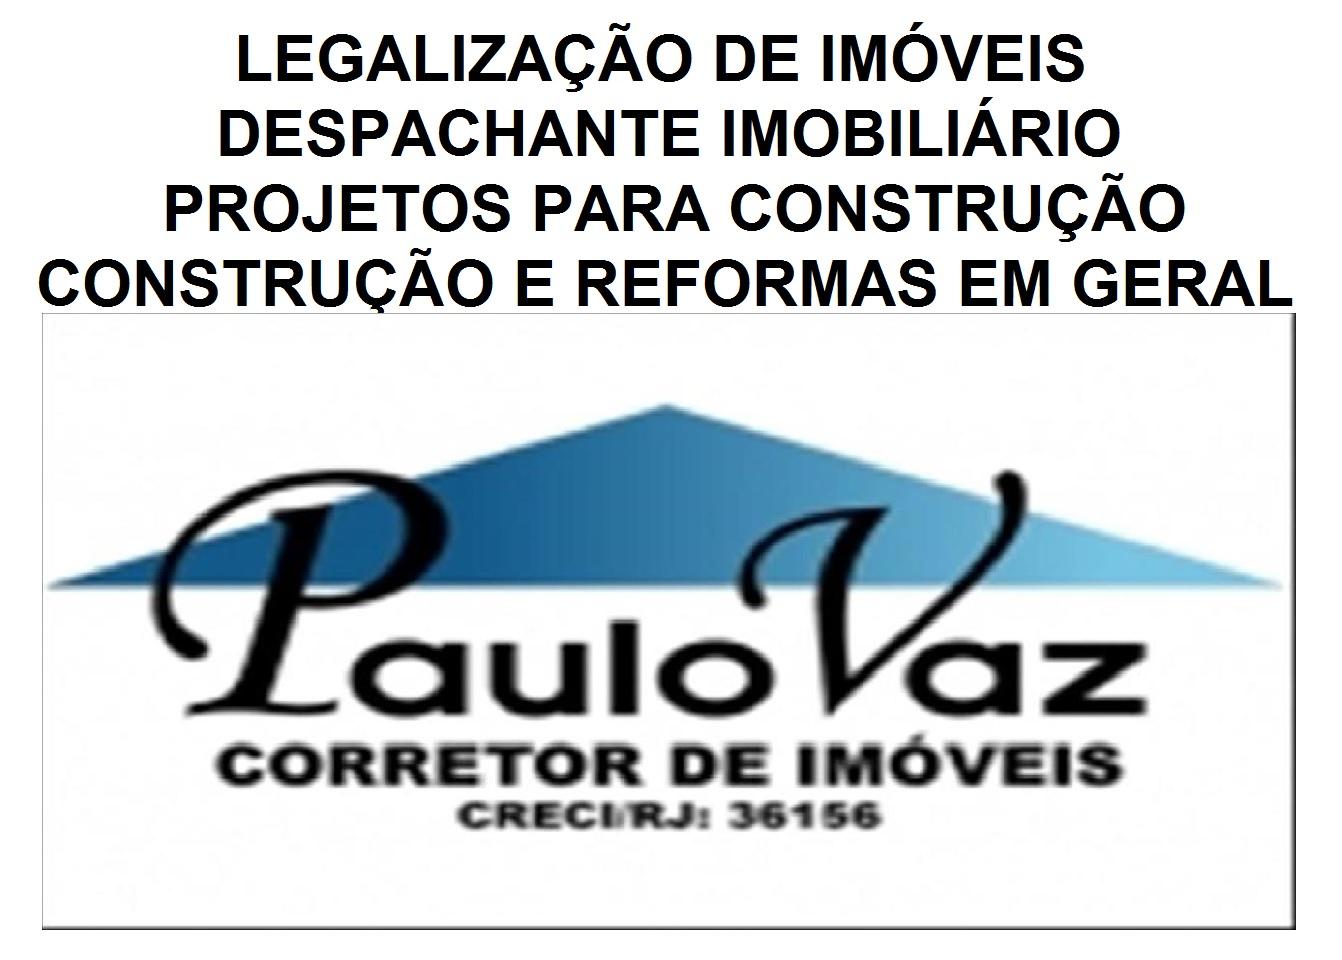 LEGALIZAÇÃO E DESPACHANTE DE IMÓVEIS – PROJETOS PARA CONSTRUÇÃO – CONSTRUÇÃO E REFORMAS